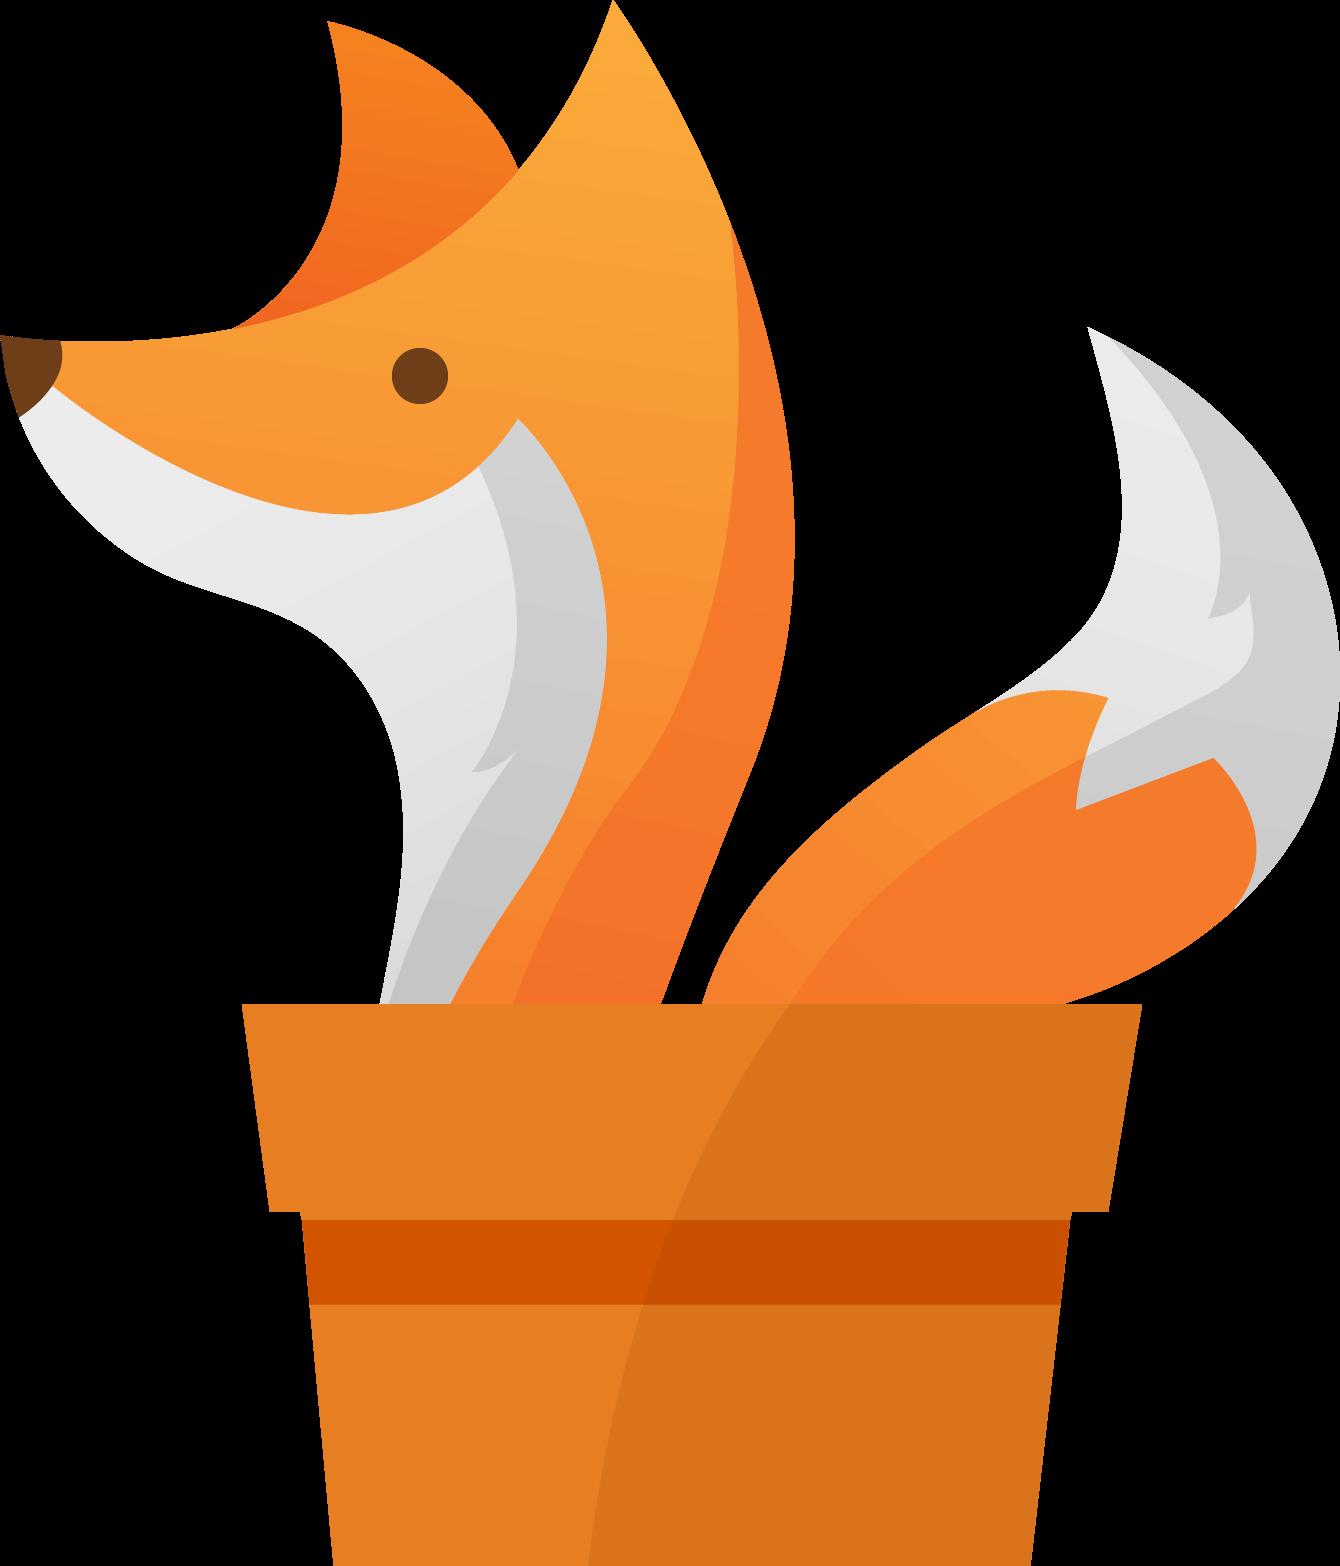 Potvos logo